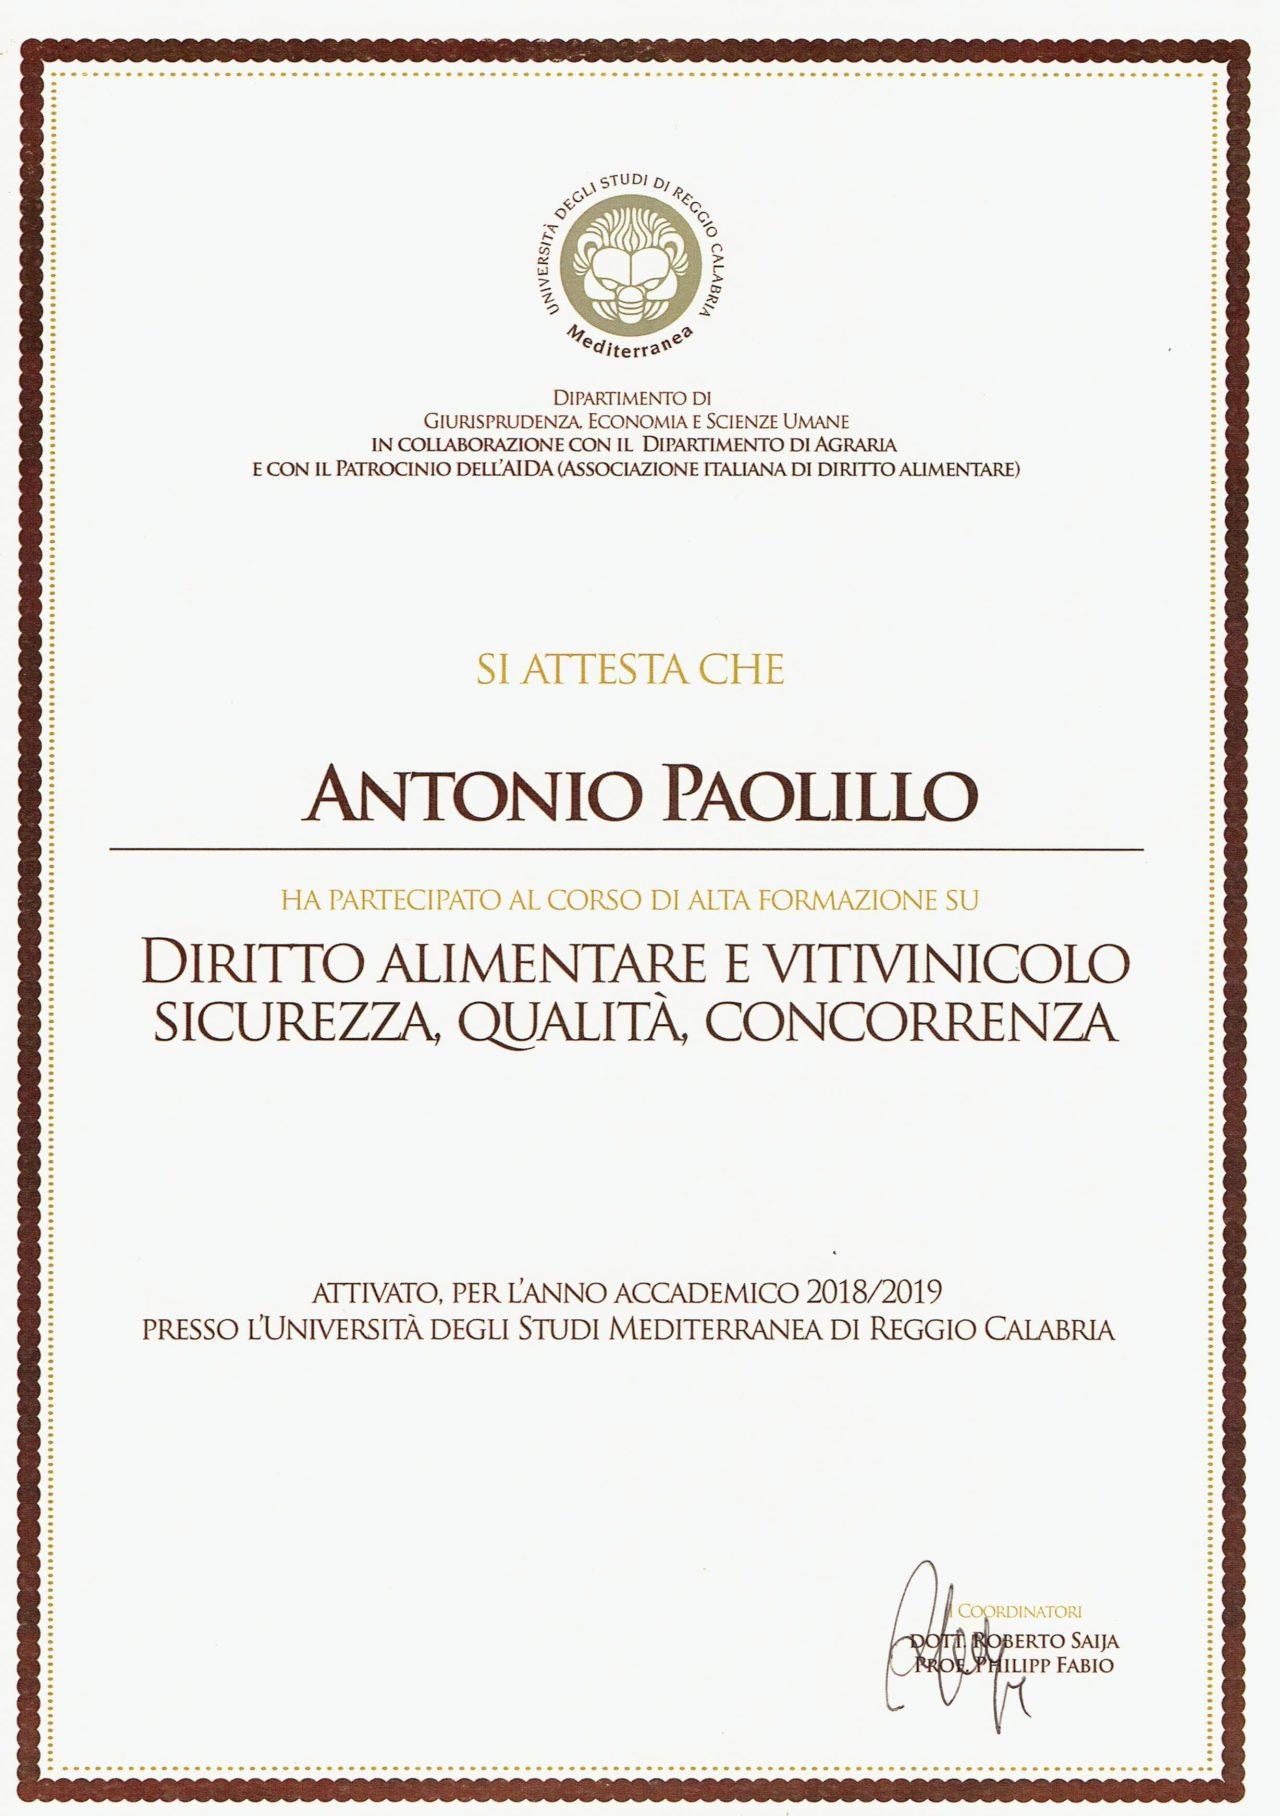 1_Attestato_diritto_alimentare_000009-1-1280x1816.jpg